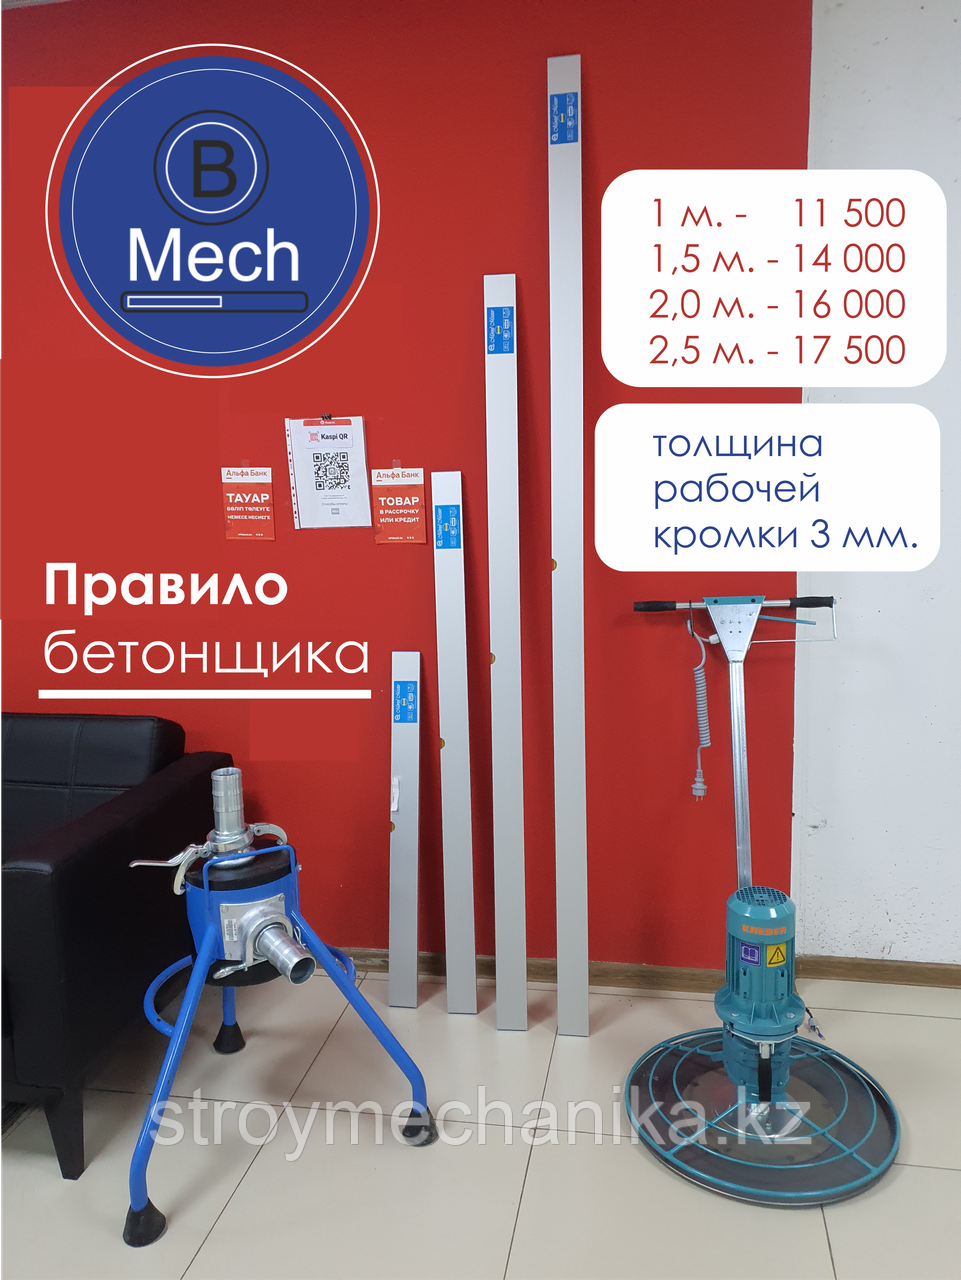 Профессиональное правило 1 м., 2 м., 2,5 м., 3 м., правило для стяжки и раствора